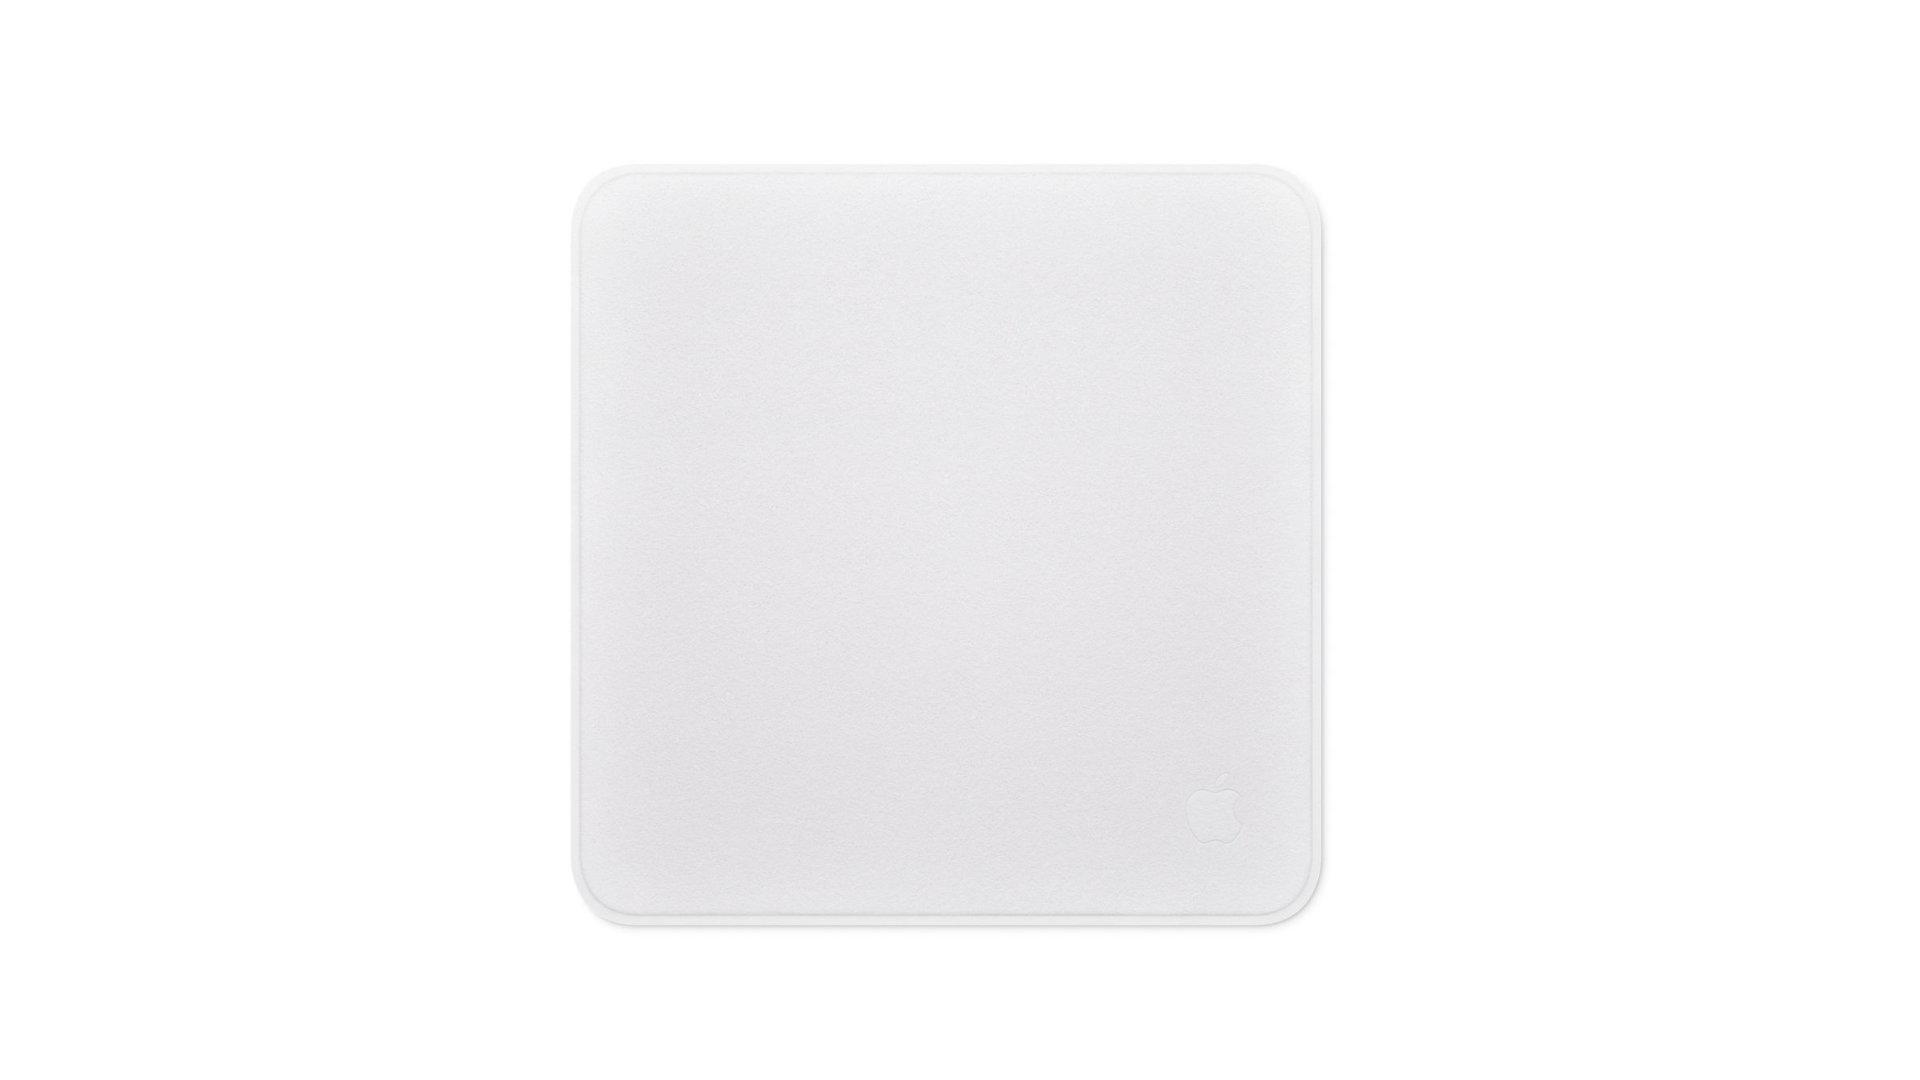 Oubliez les MacBook et les processeurs M1 : Apple se lance sur le marché de la chiffonnette